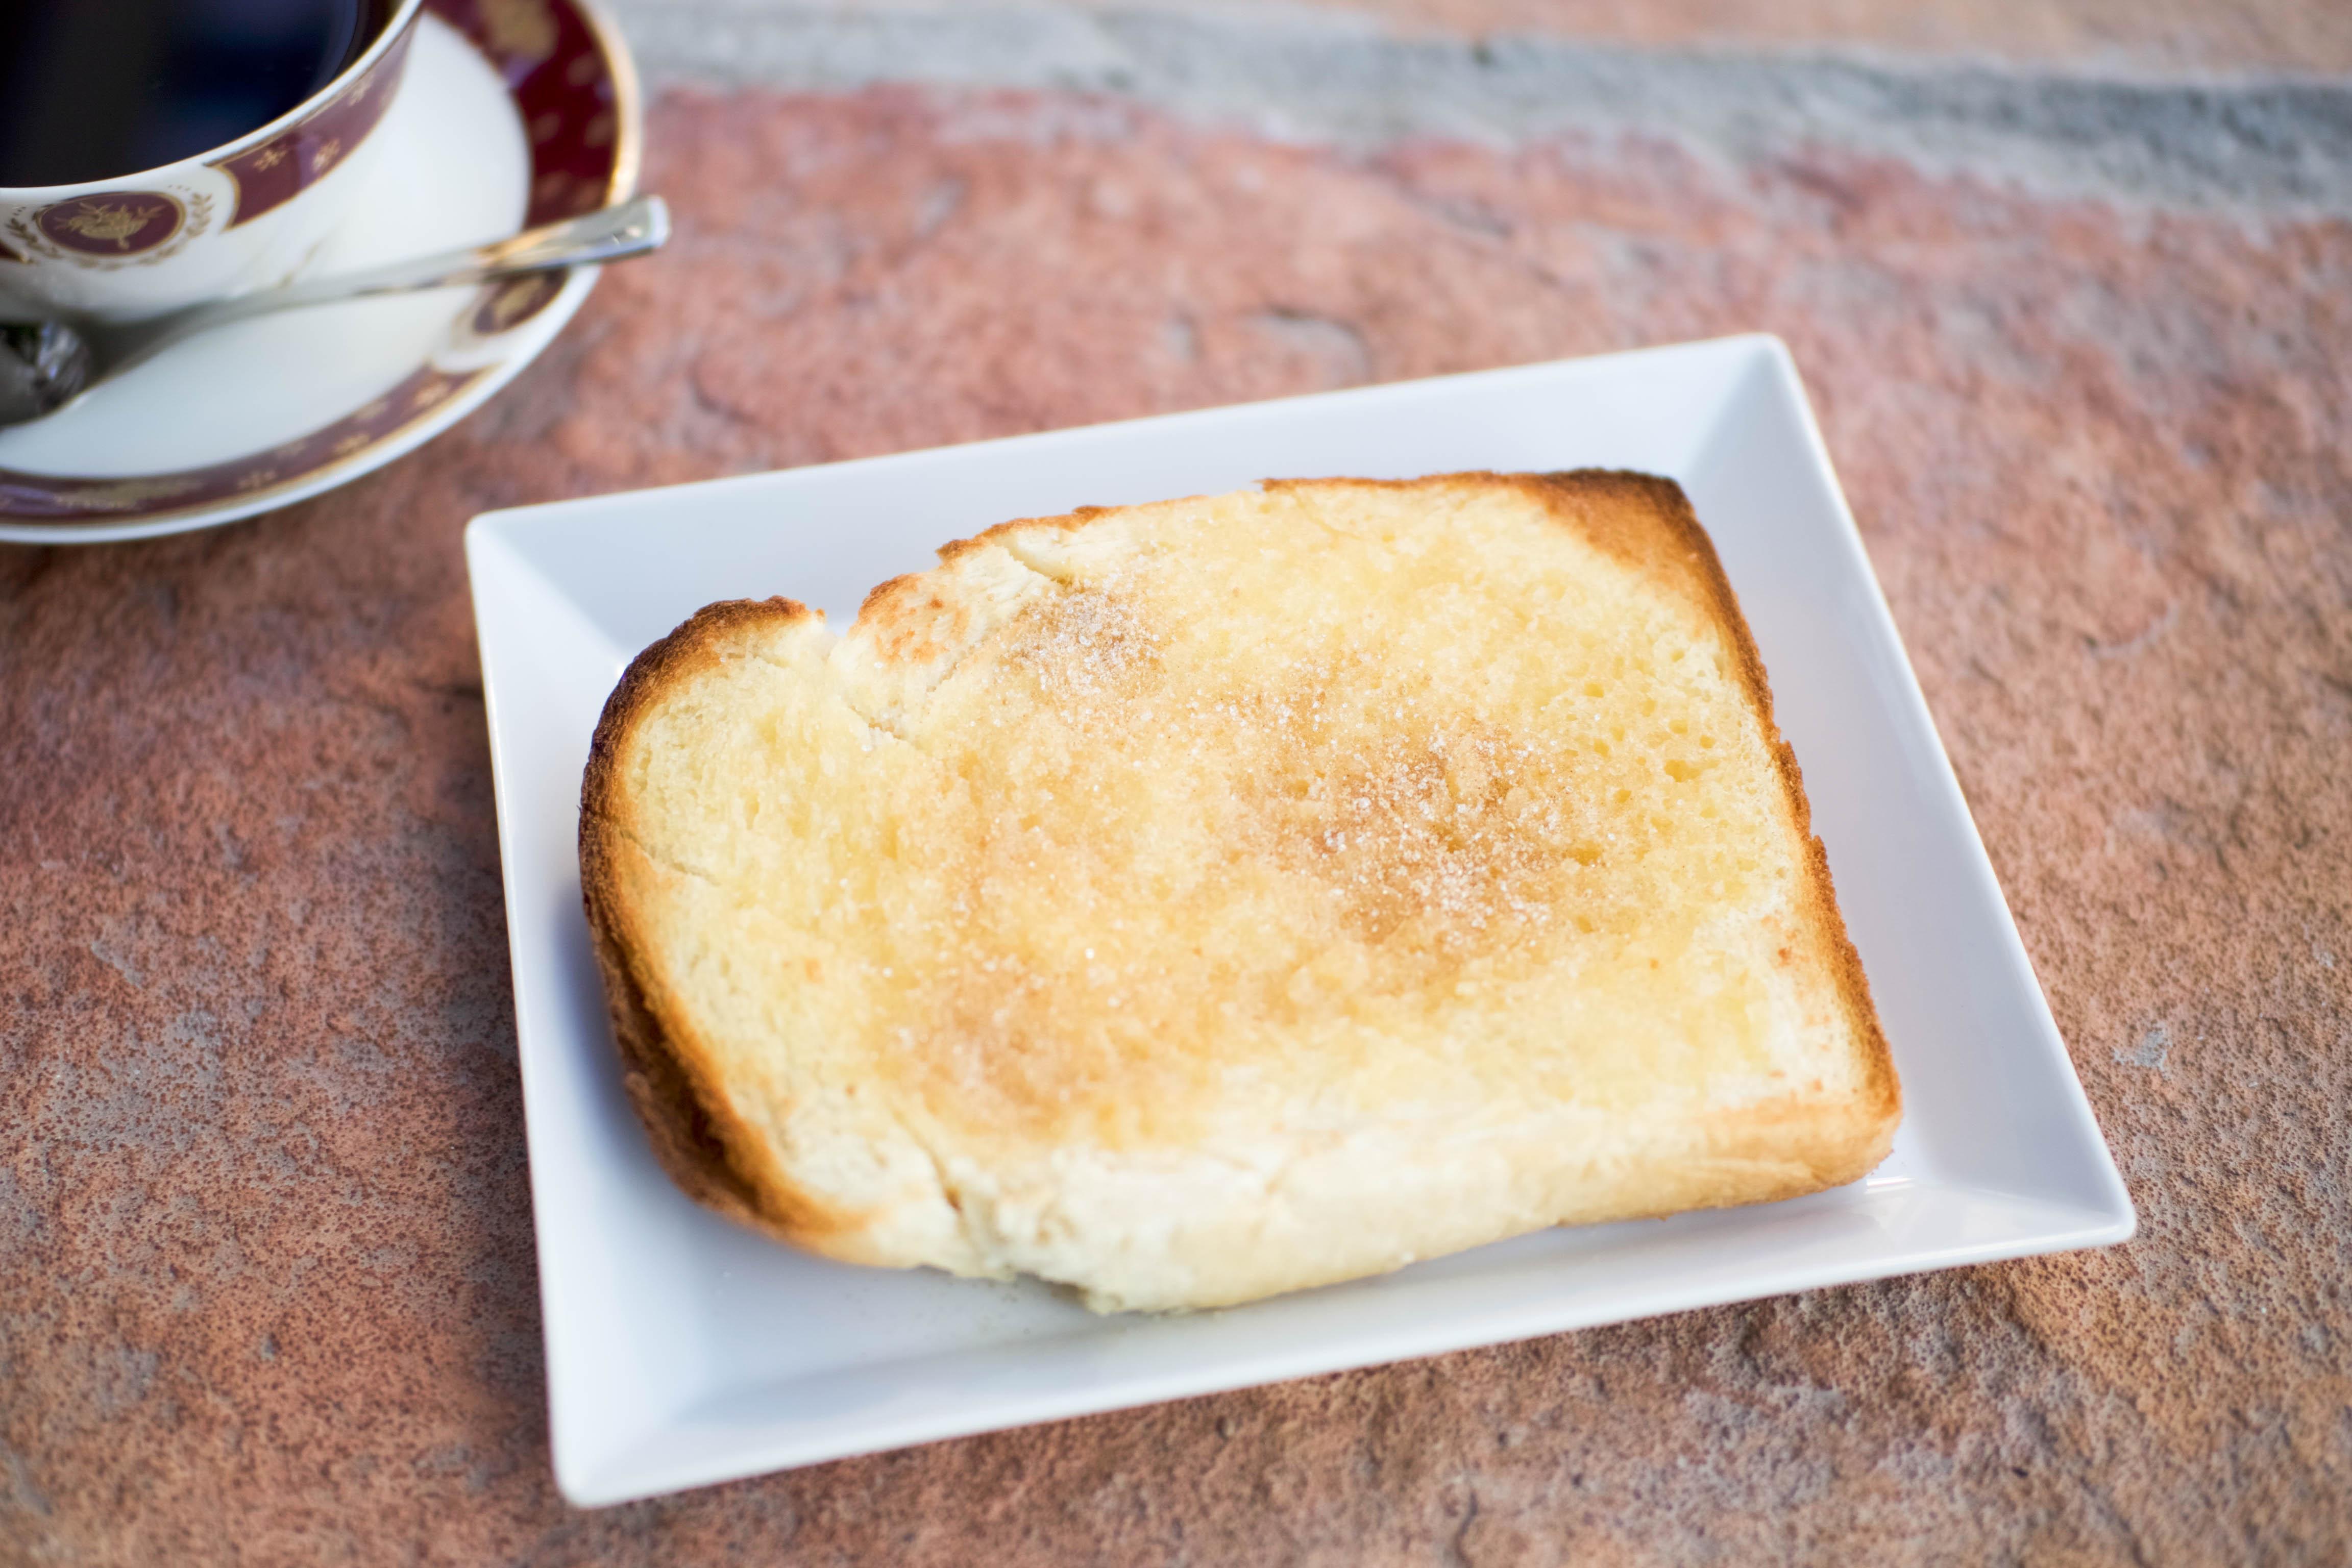 朝ごはんをちょっとリッチにしてくれる、生姜とマーガリンのペースト